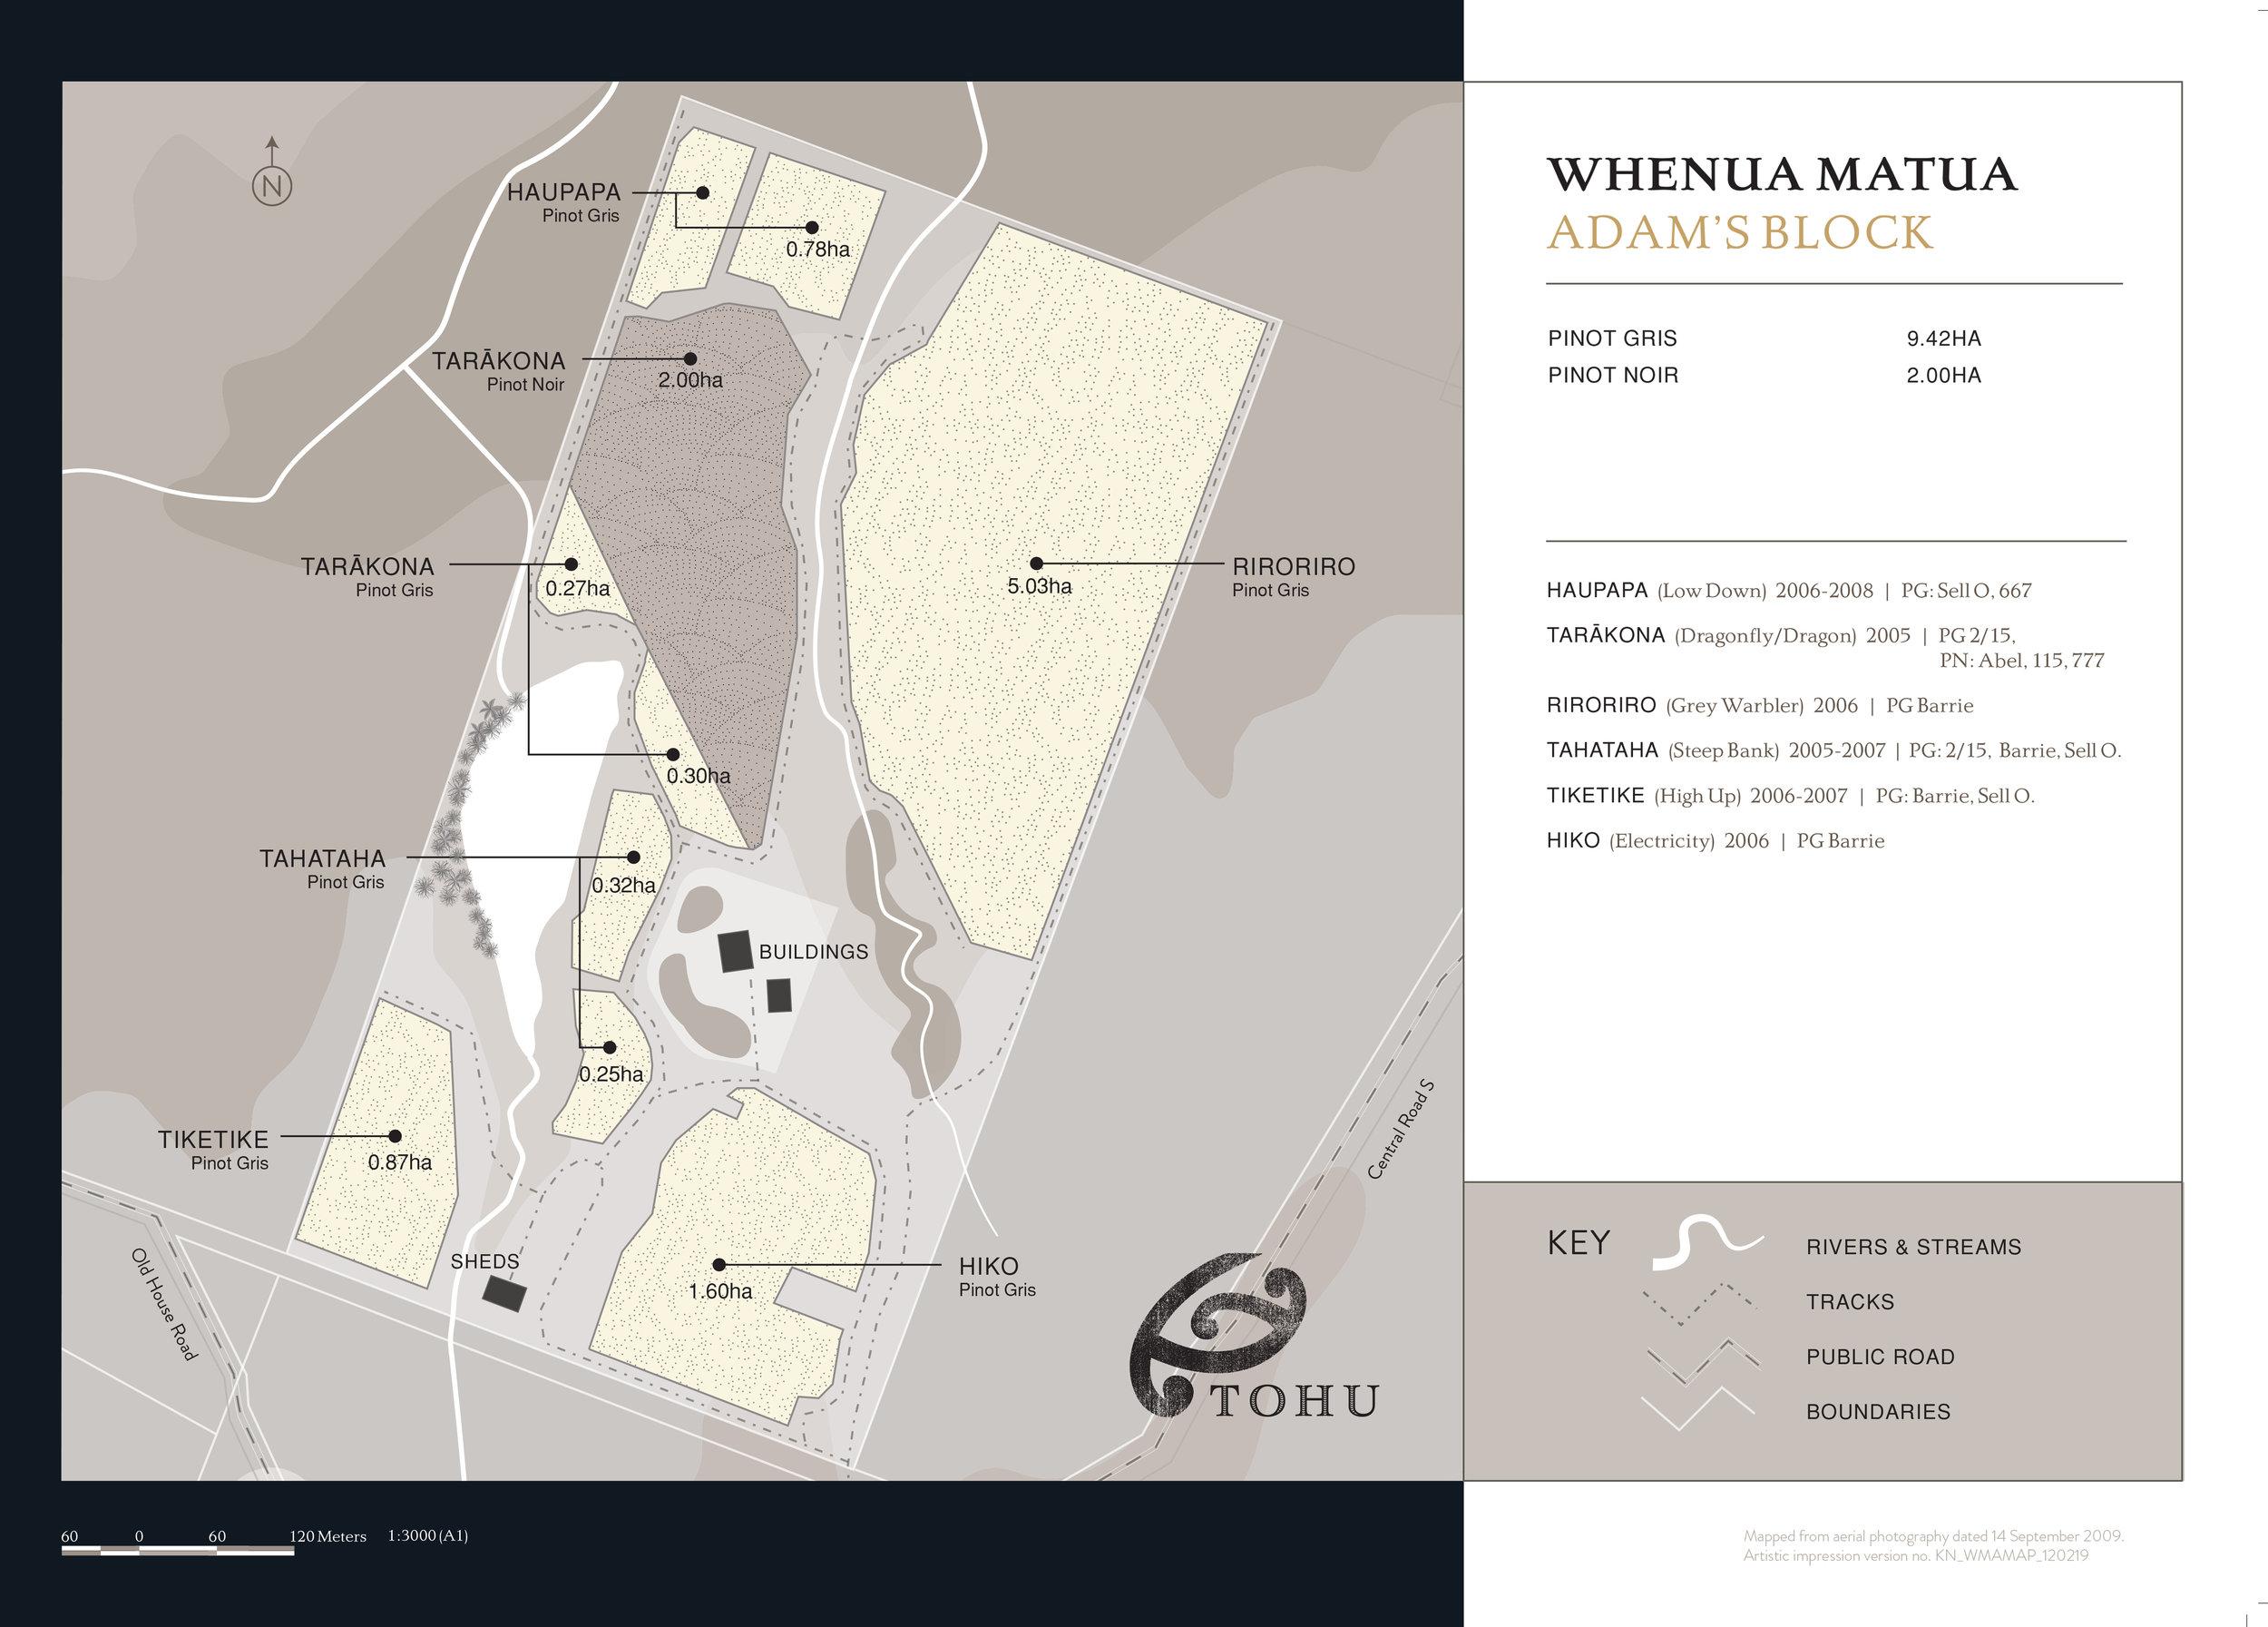 Whenua-Matua-Adams-Block.jpg